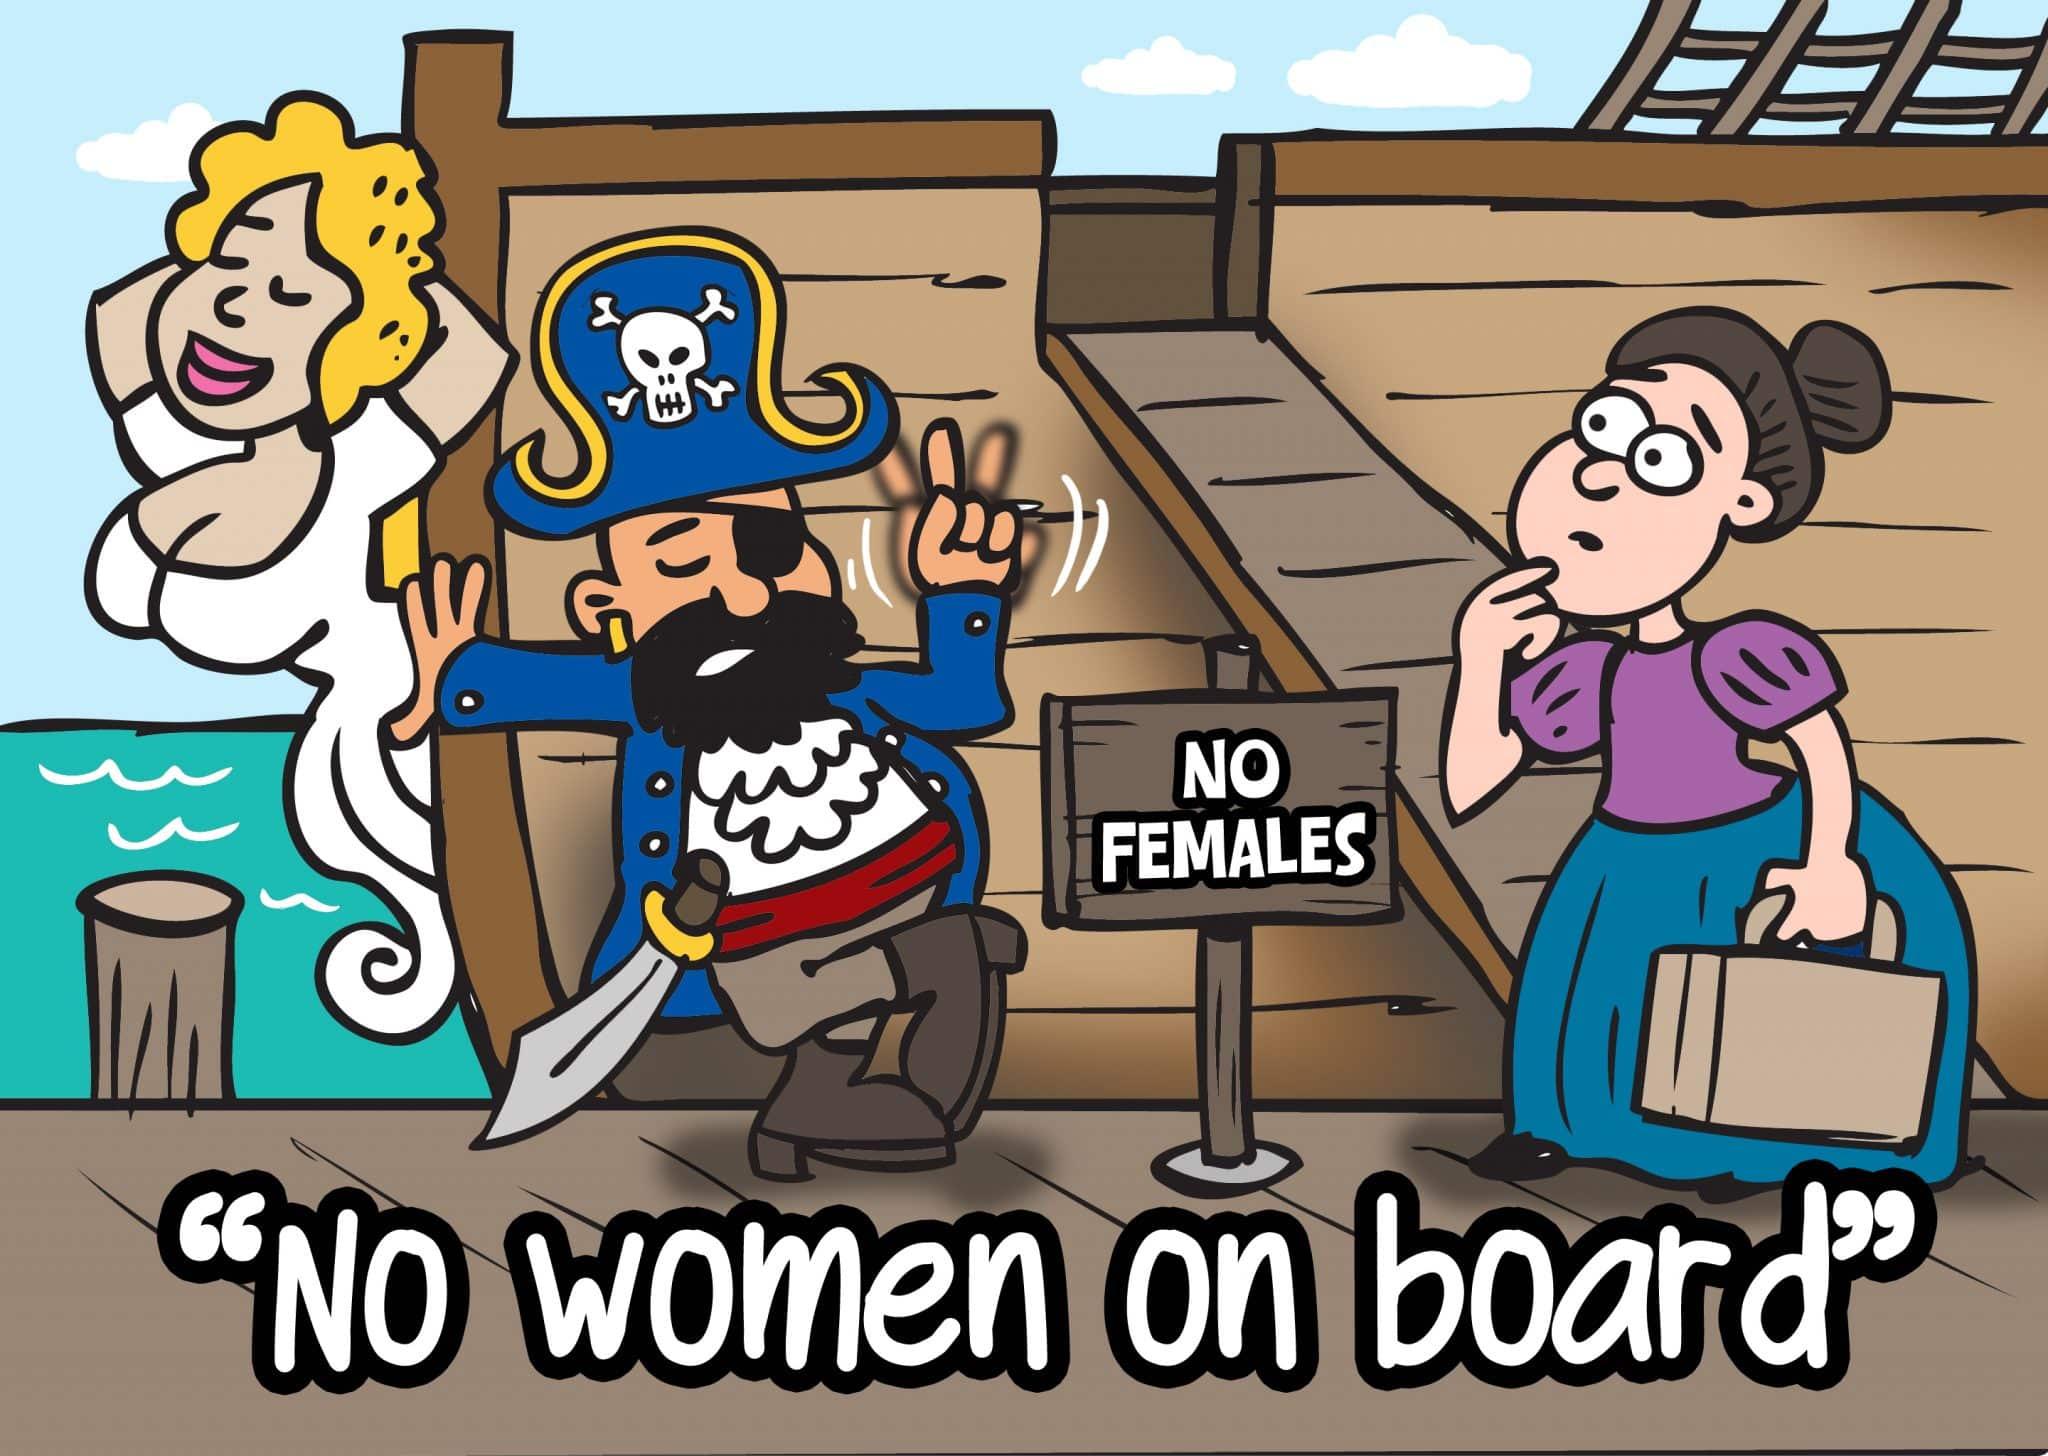 no-women-on-board